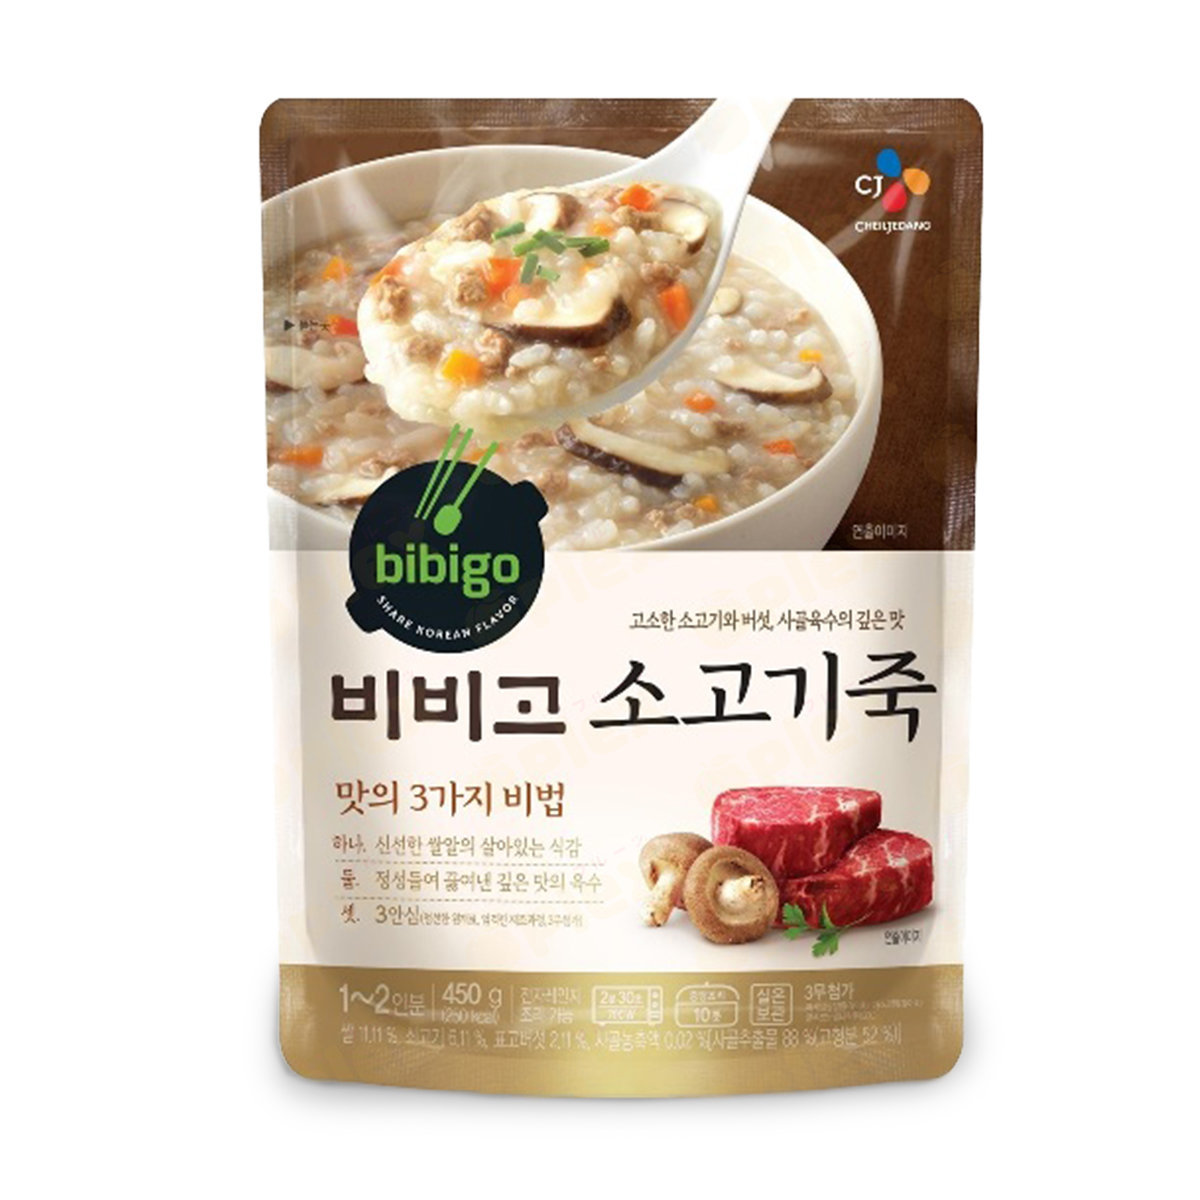 Bibigo Beef and Mushroom Congee (450g)